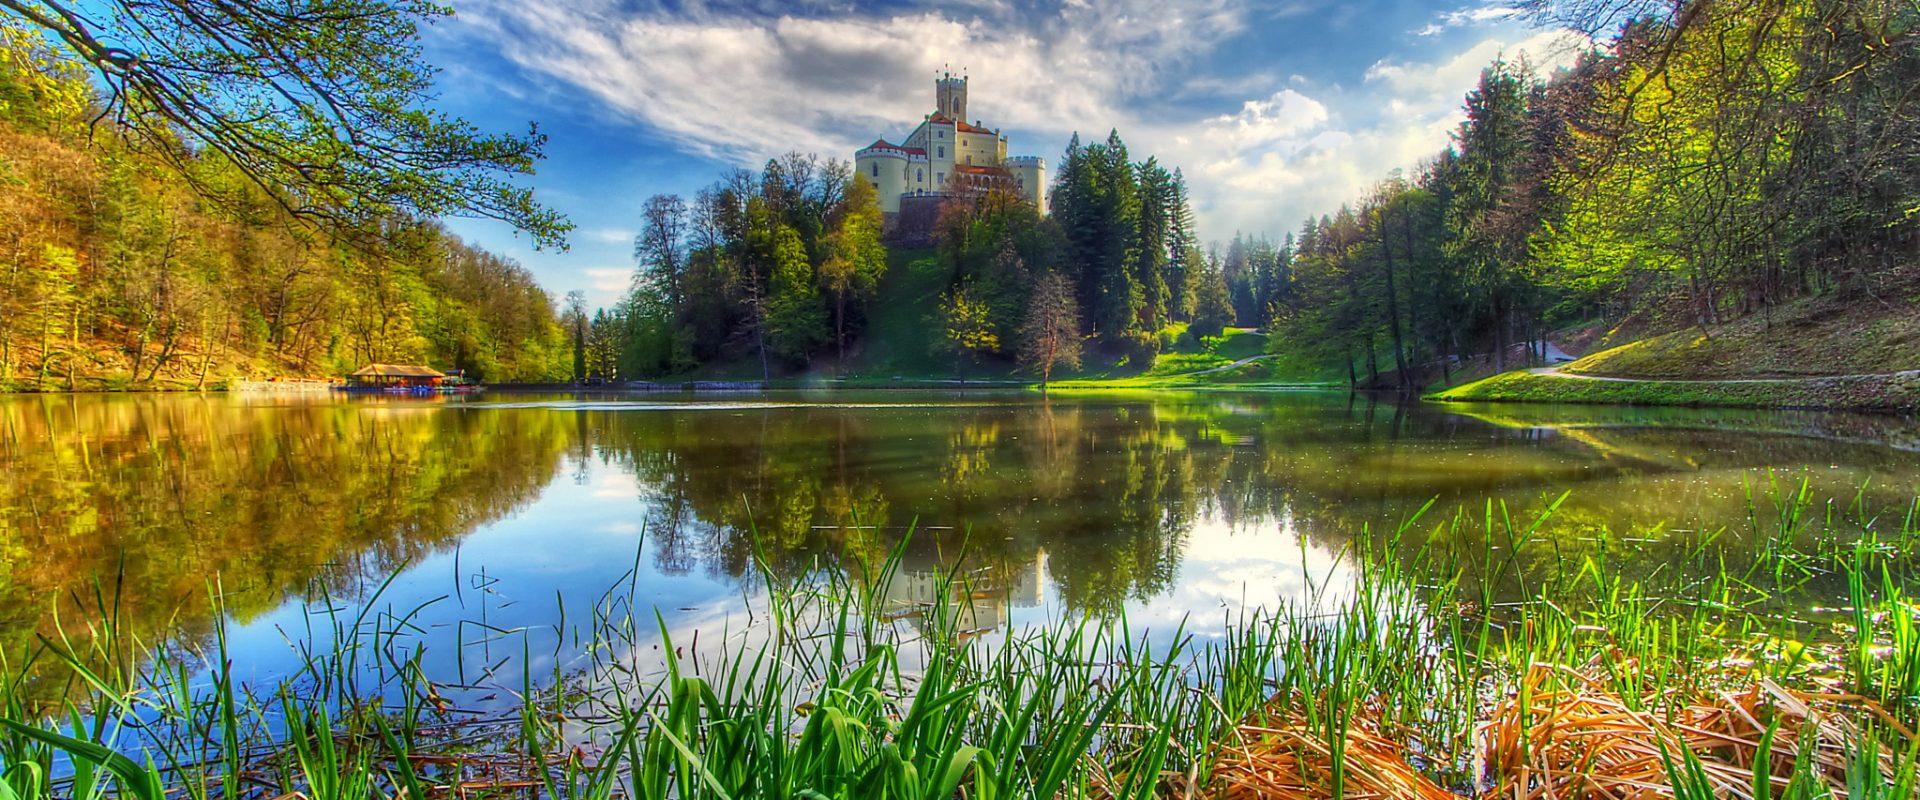 Castle Trakoščan